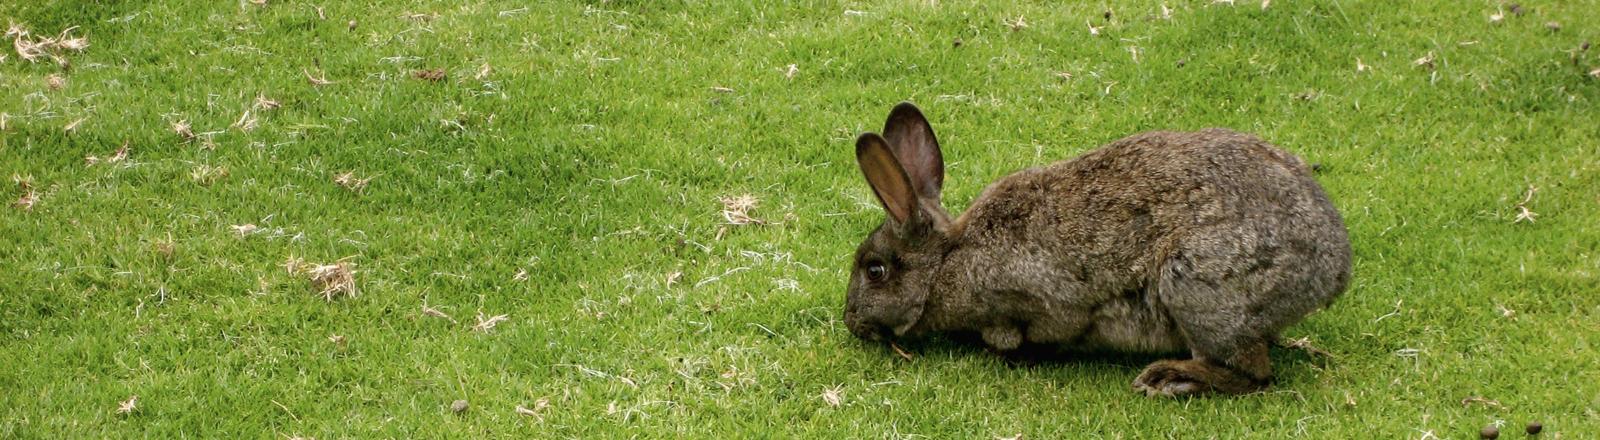 Kaninchen auf einer grünen Wiese.